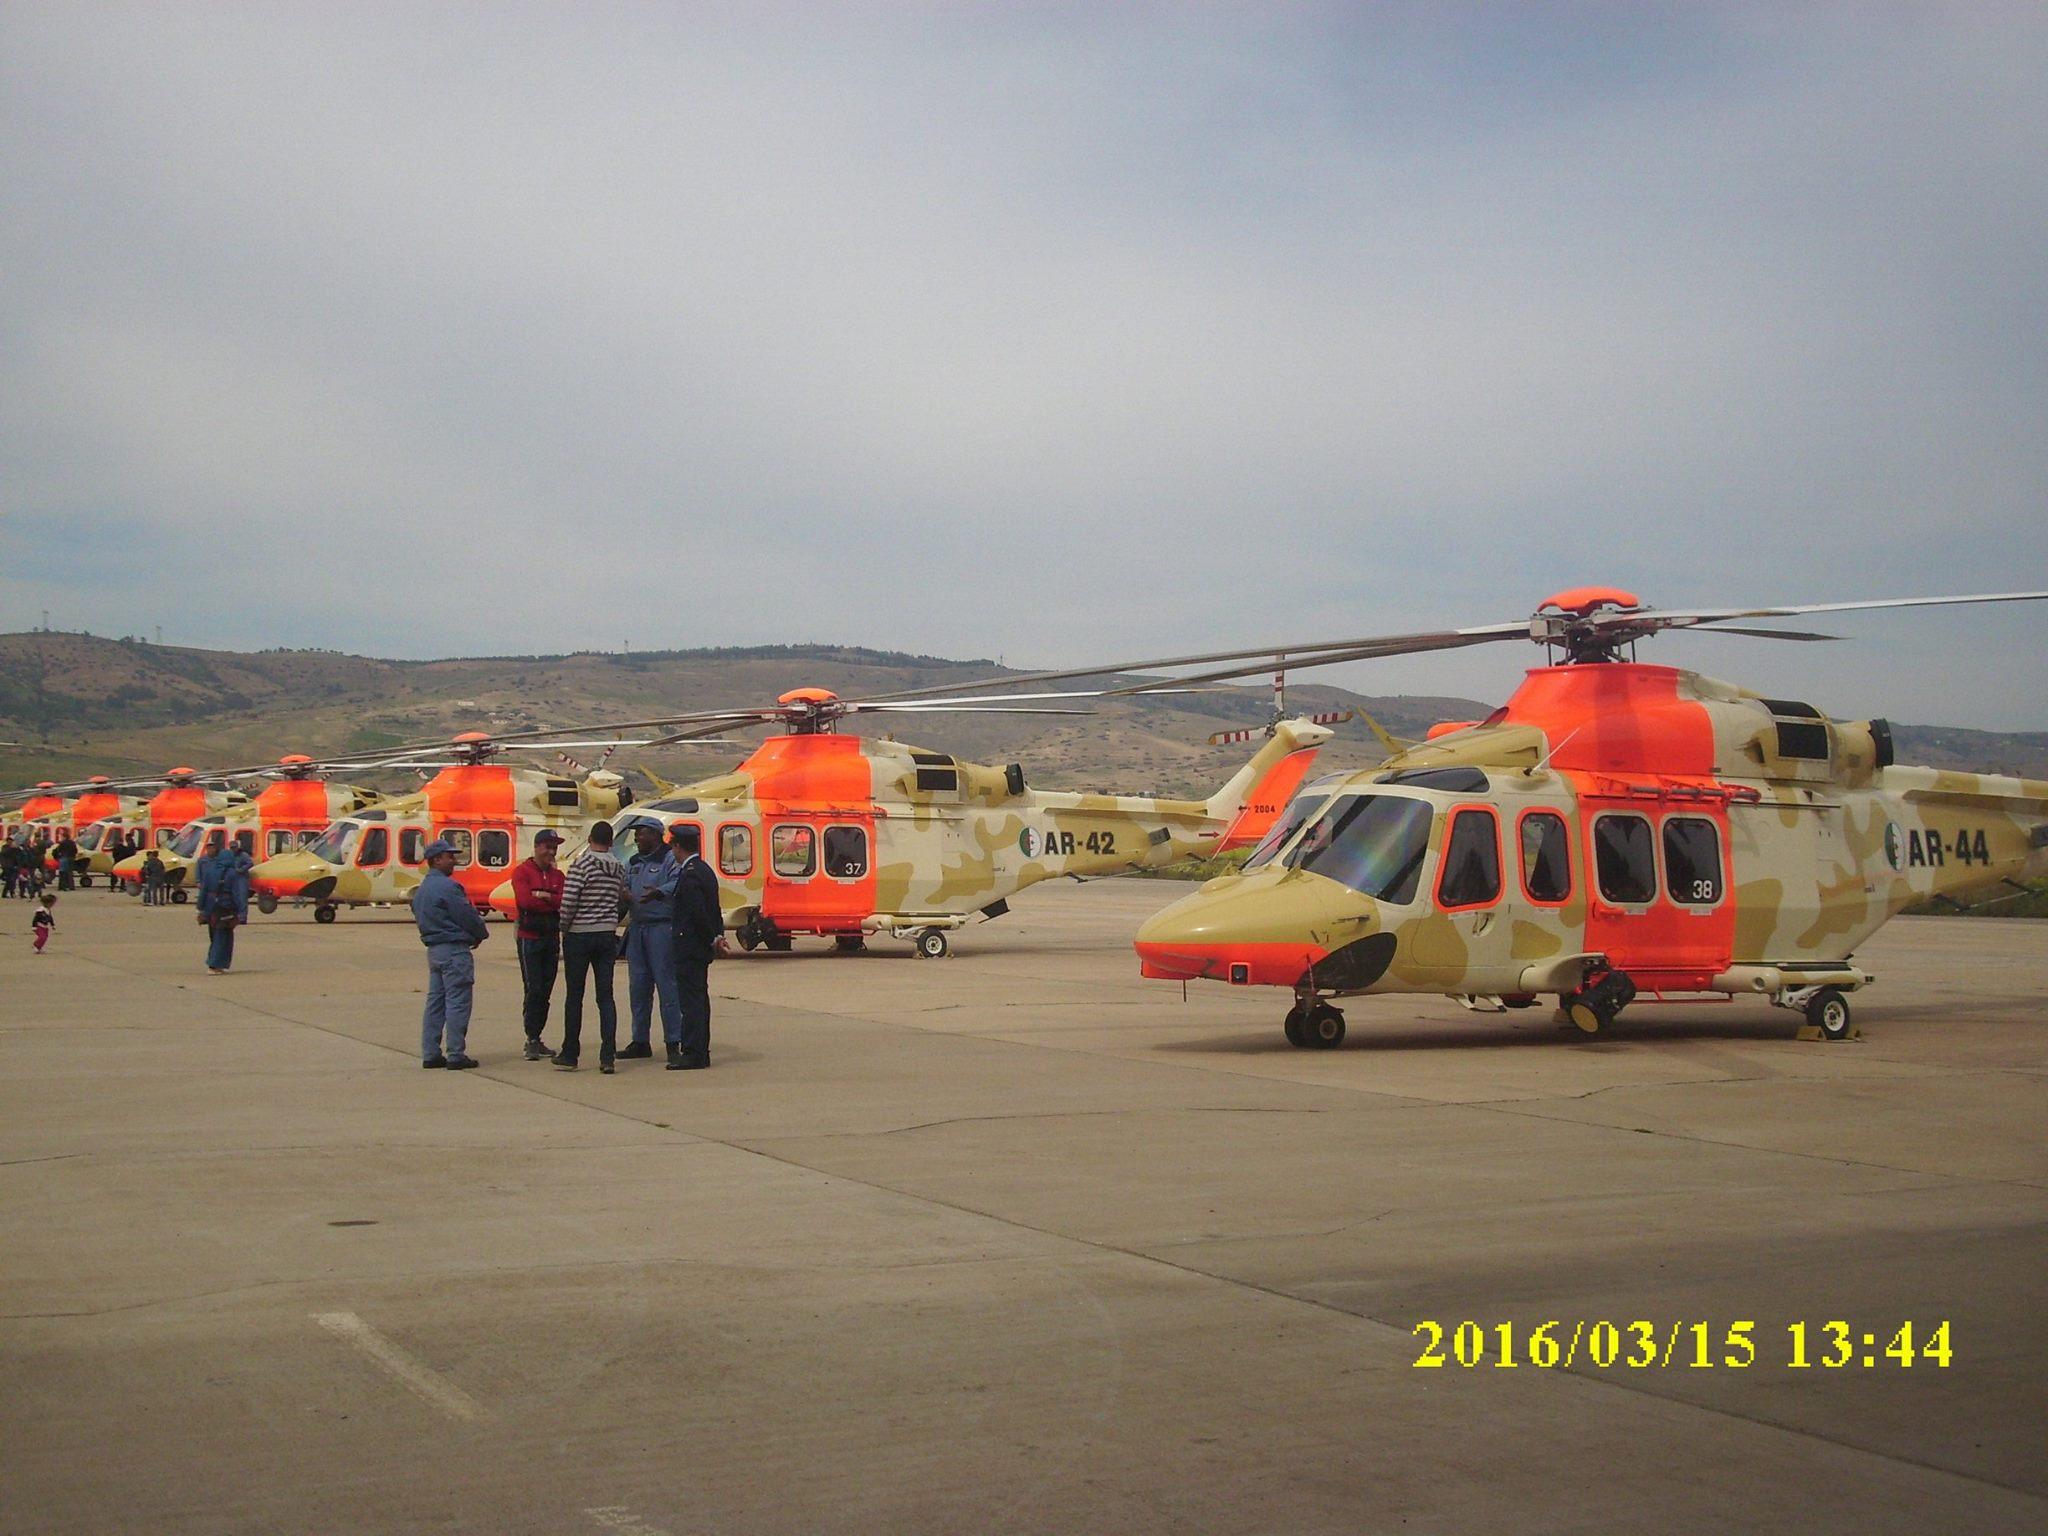 صور مروحيات القوات الجوية الجزائرية  [ AW-139 SAR ] - صفحة 2 25606507570_950acb98f9_o